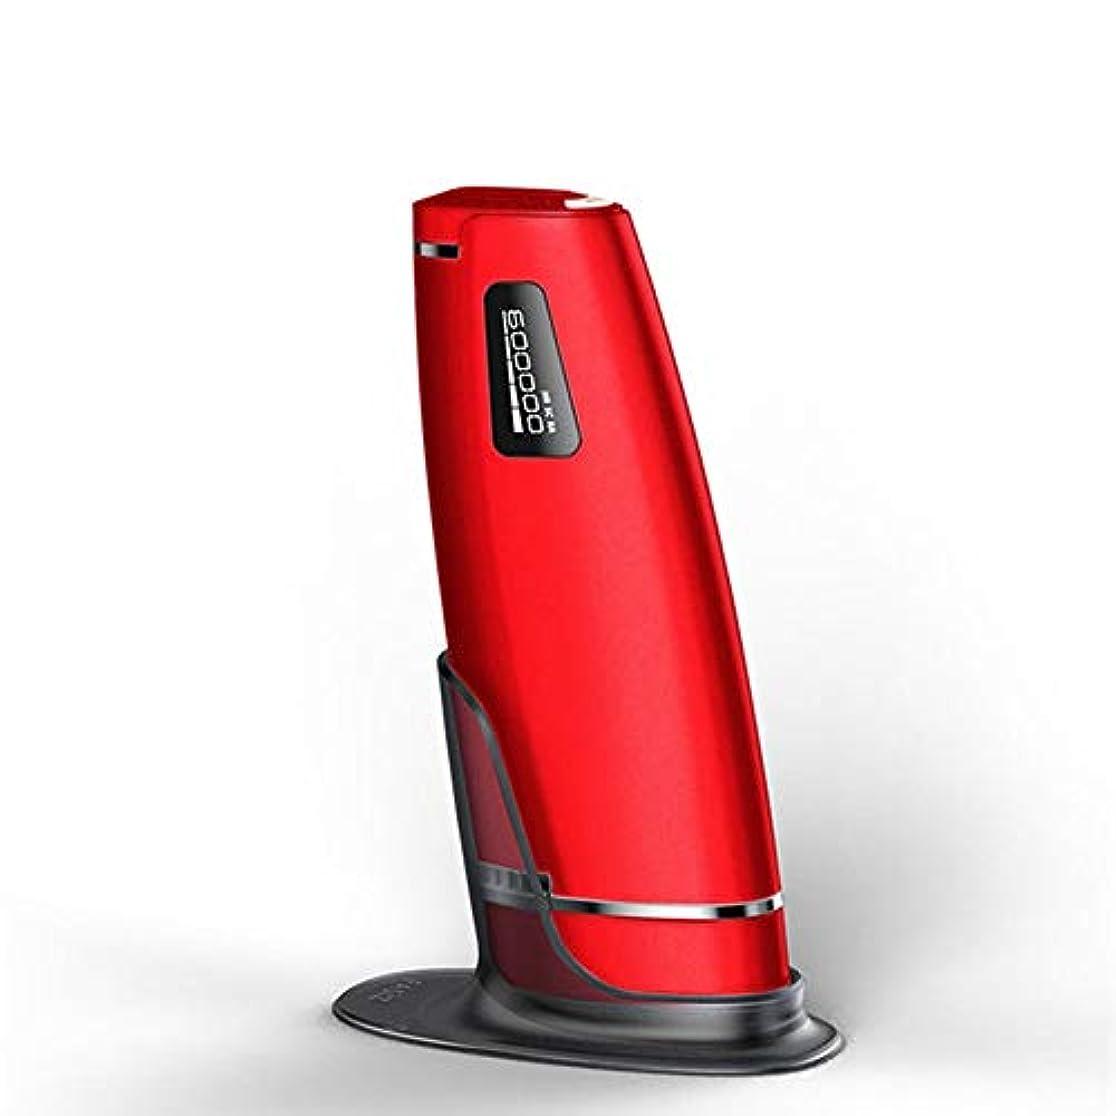 夜明けサーフィン好意ダパイ 赤、デュアルモード、ホームオートマチック無痛脱毛剤、携帯用永久脱毛剤、5スピード調整、サイズ20.5 X 4.5 X 7 Cm U546 (Color : Red)